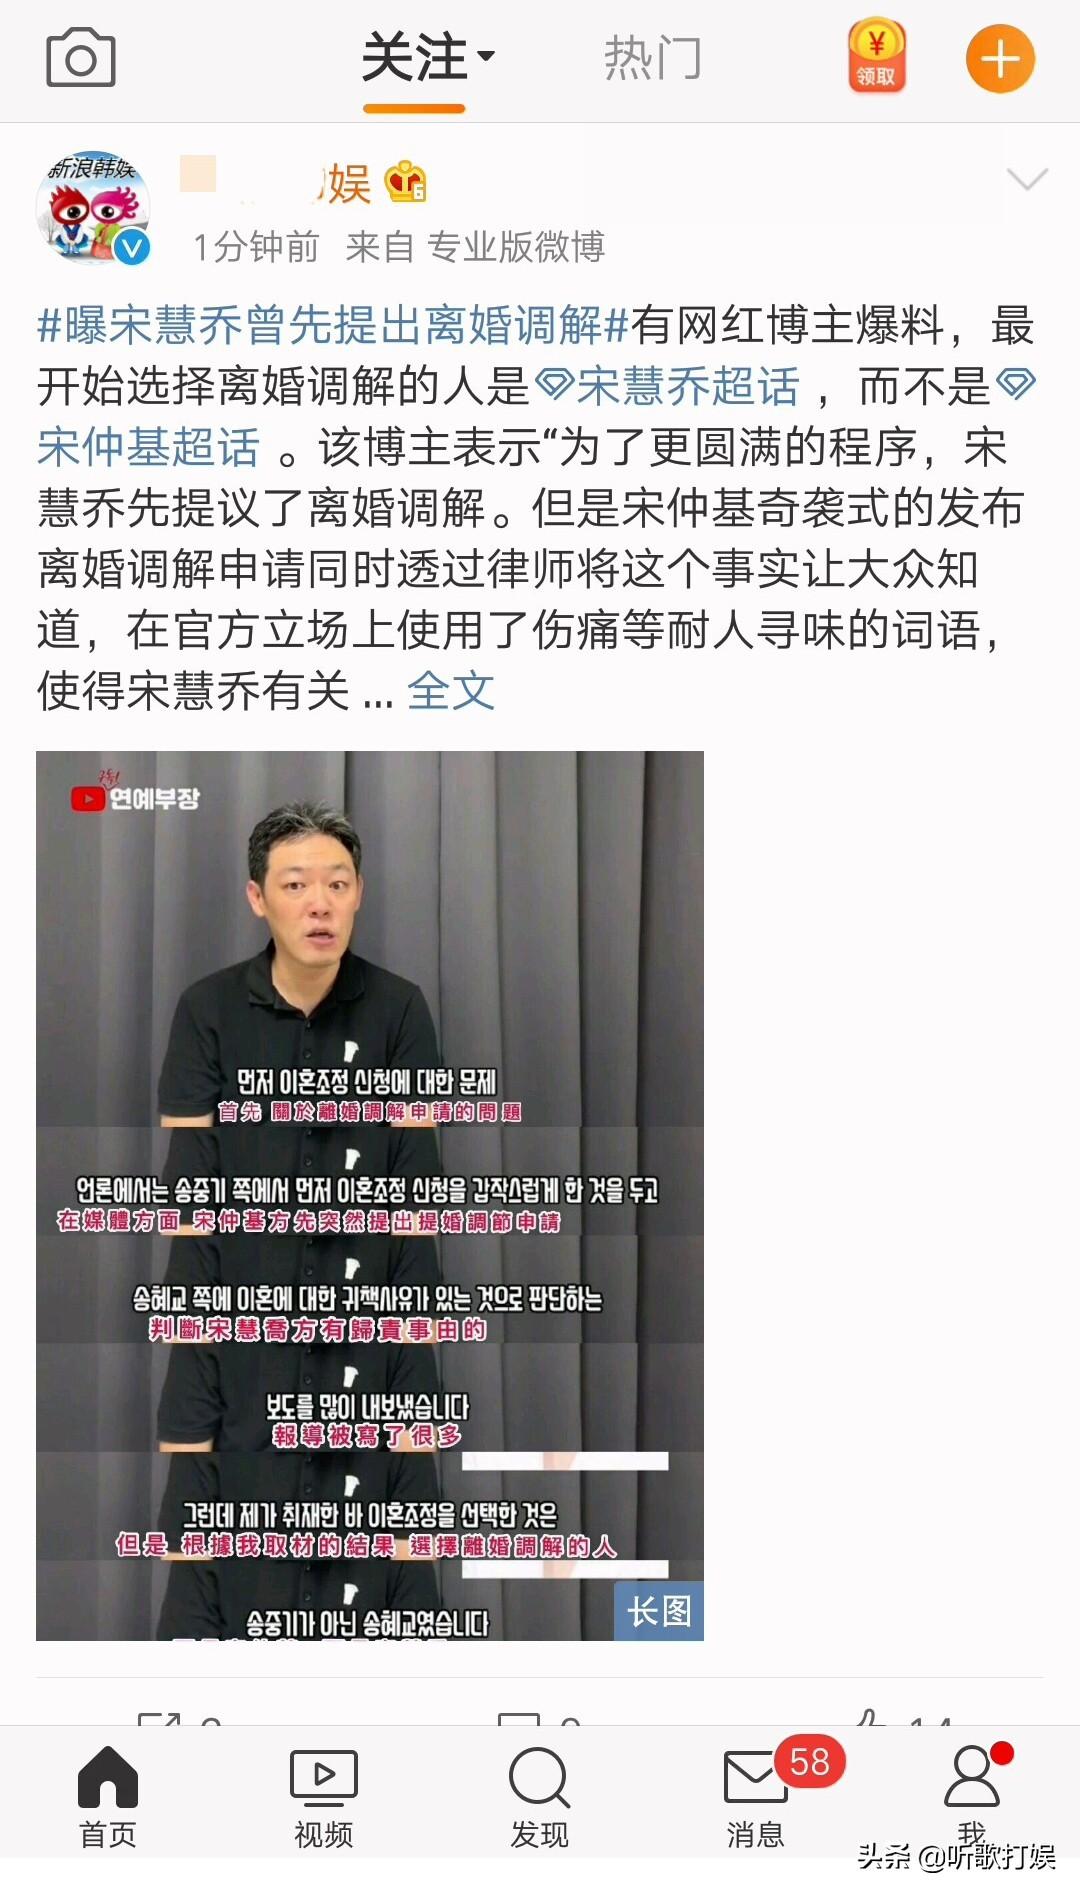 知名博主曝宋慧乔先提出离婚调解,两人已于今日正式离婚